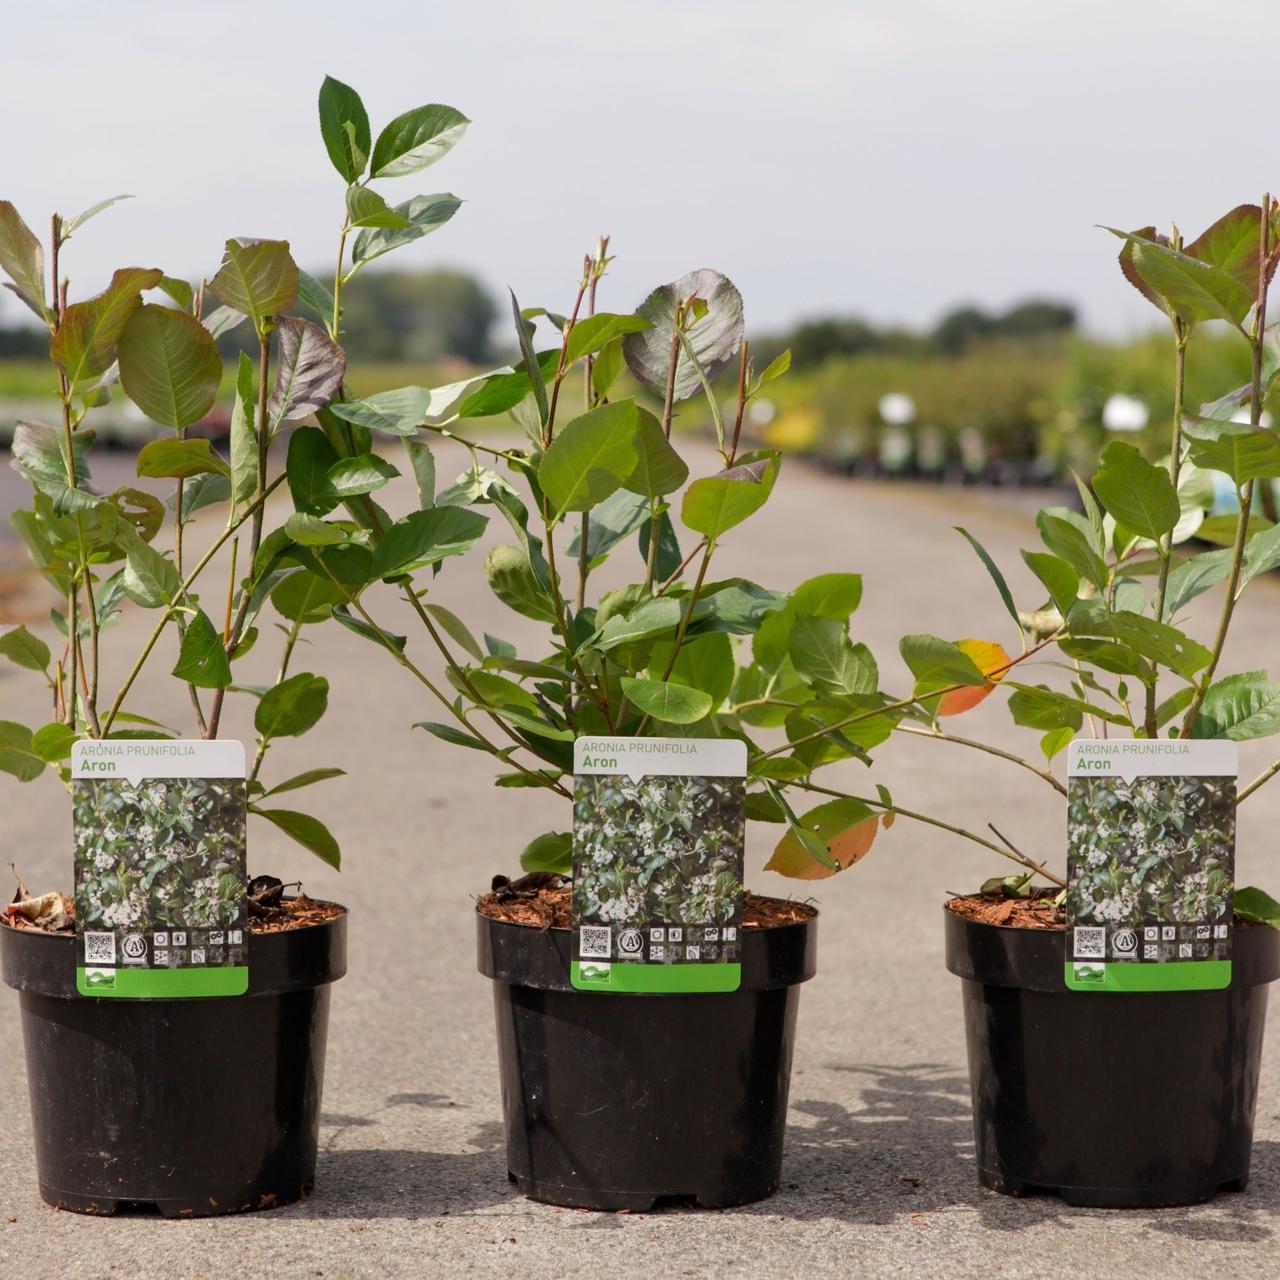 Aronia x prunifolia 'Aron' plant